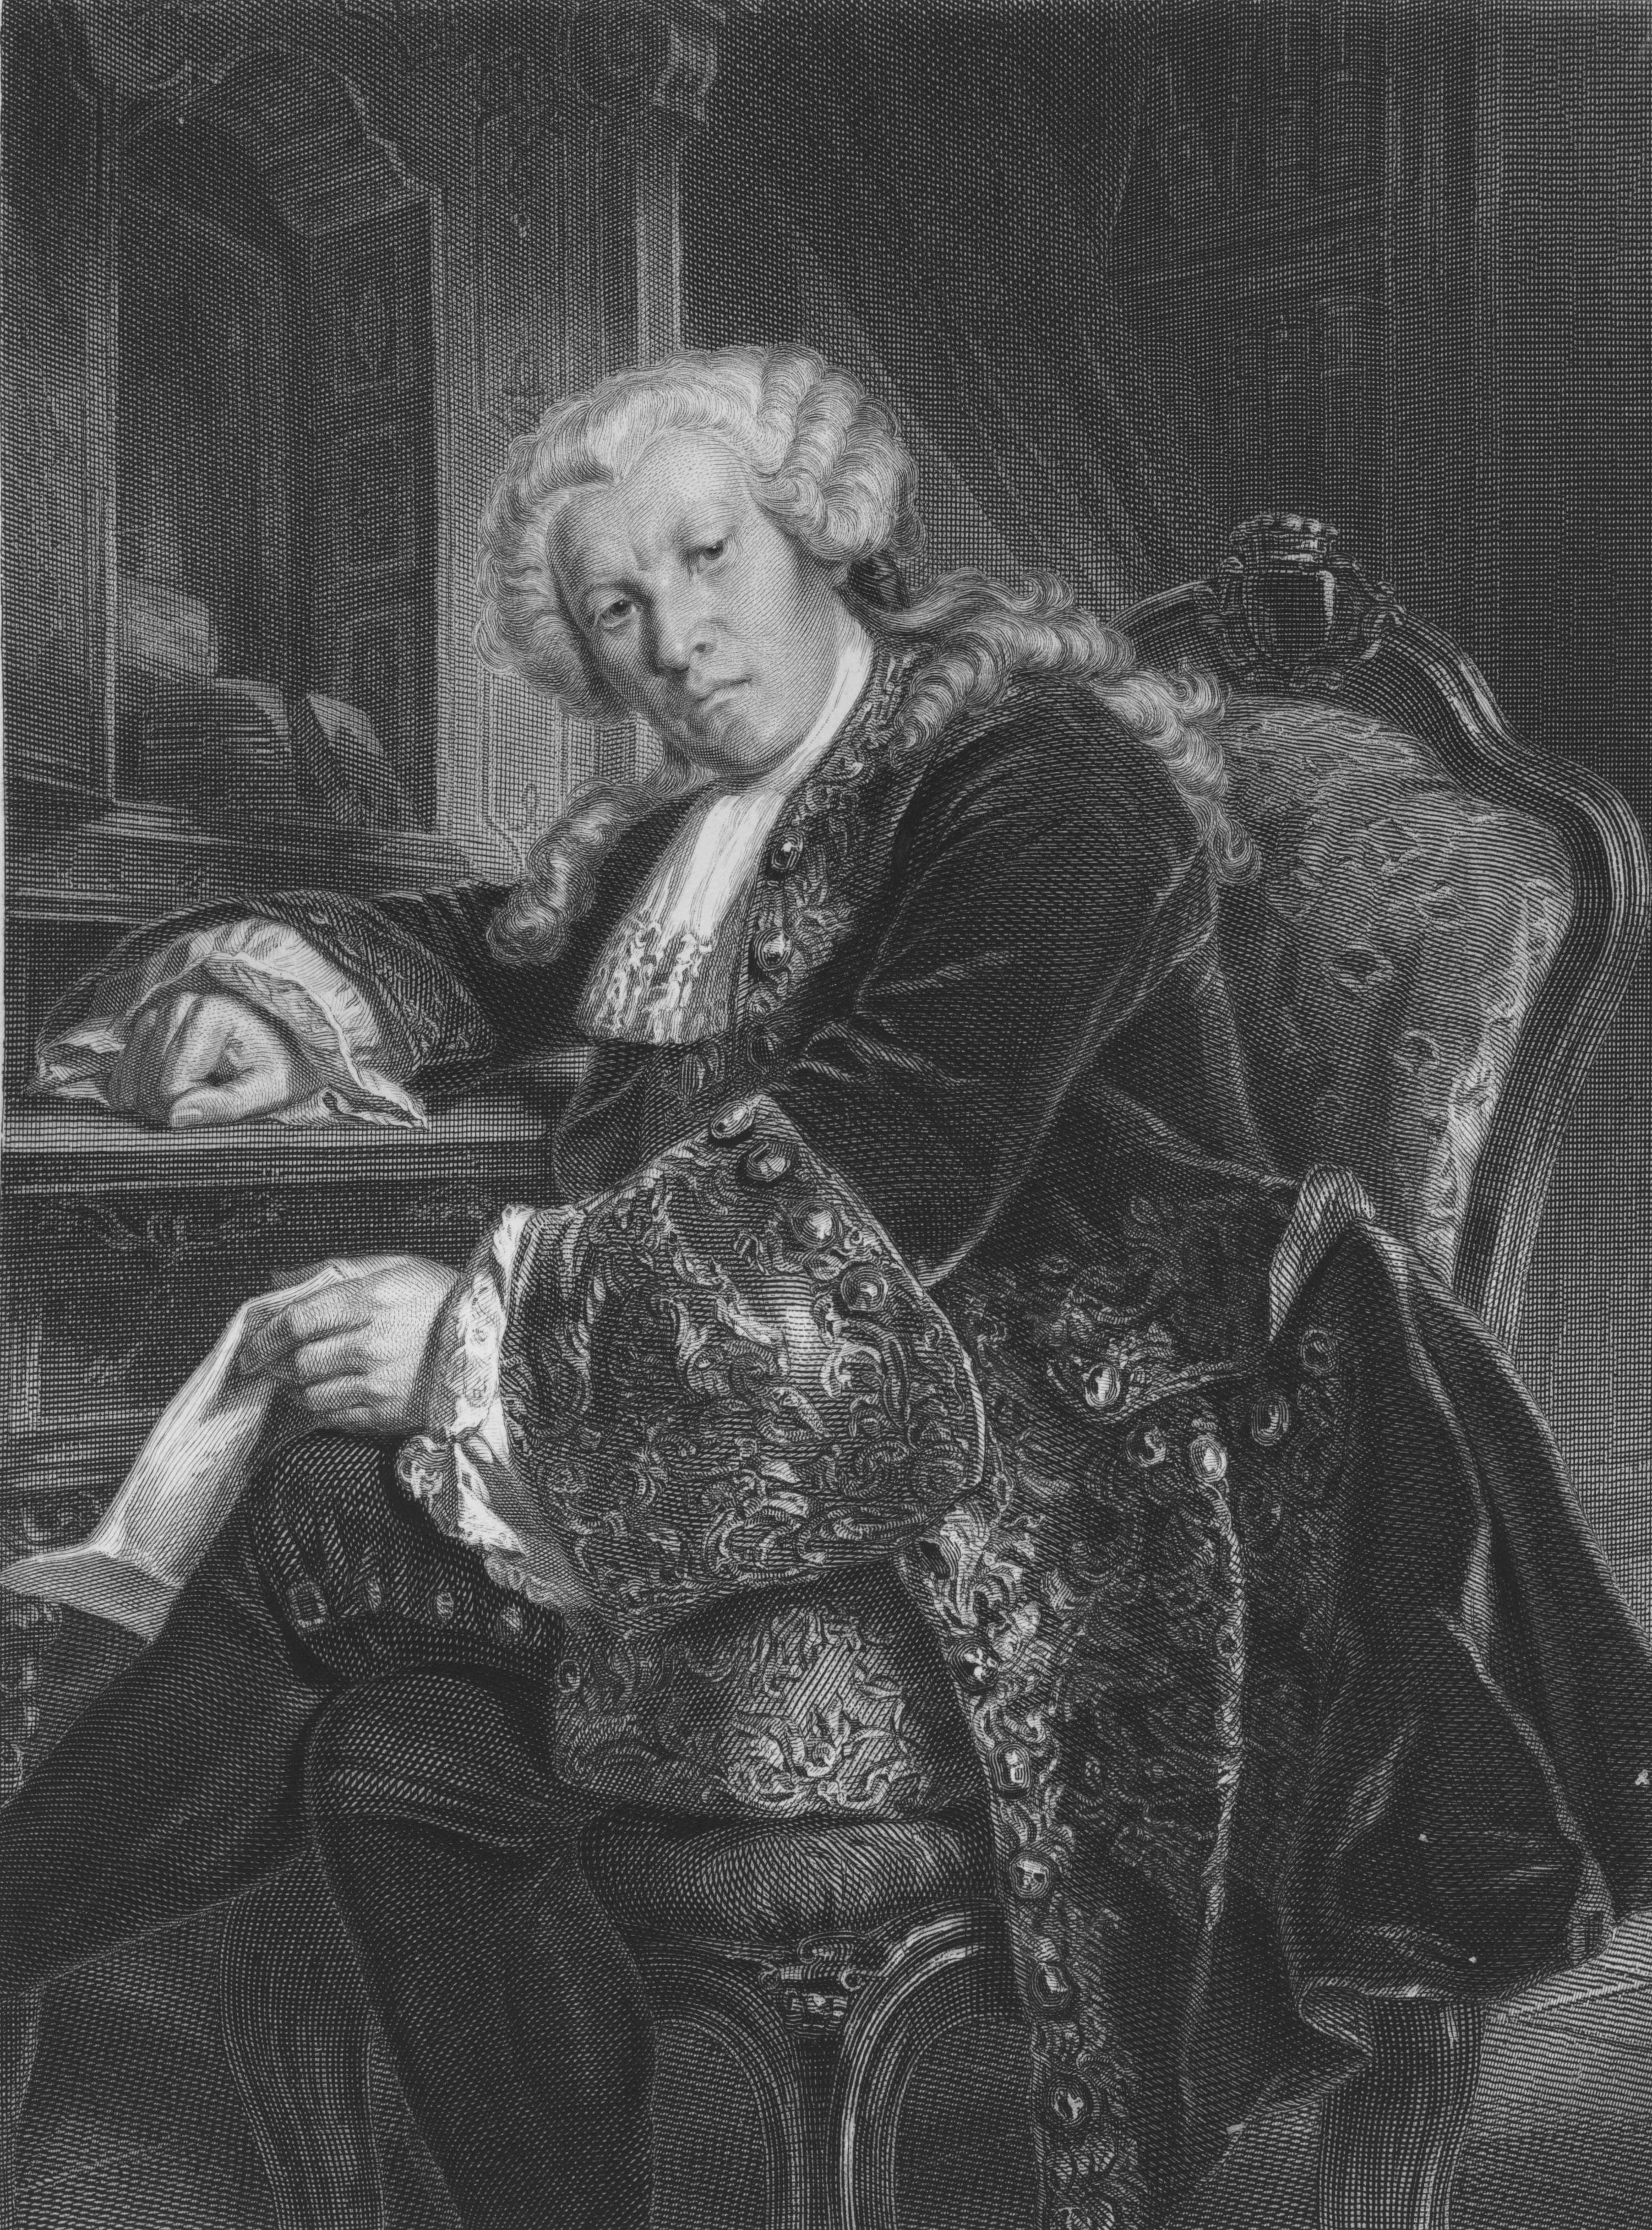 Auf dem Bild zu sehen ist Franz von Moor aus Friedrich Schiller- Die Räuber.